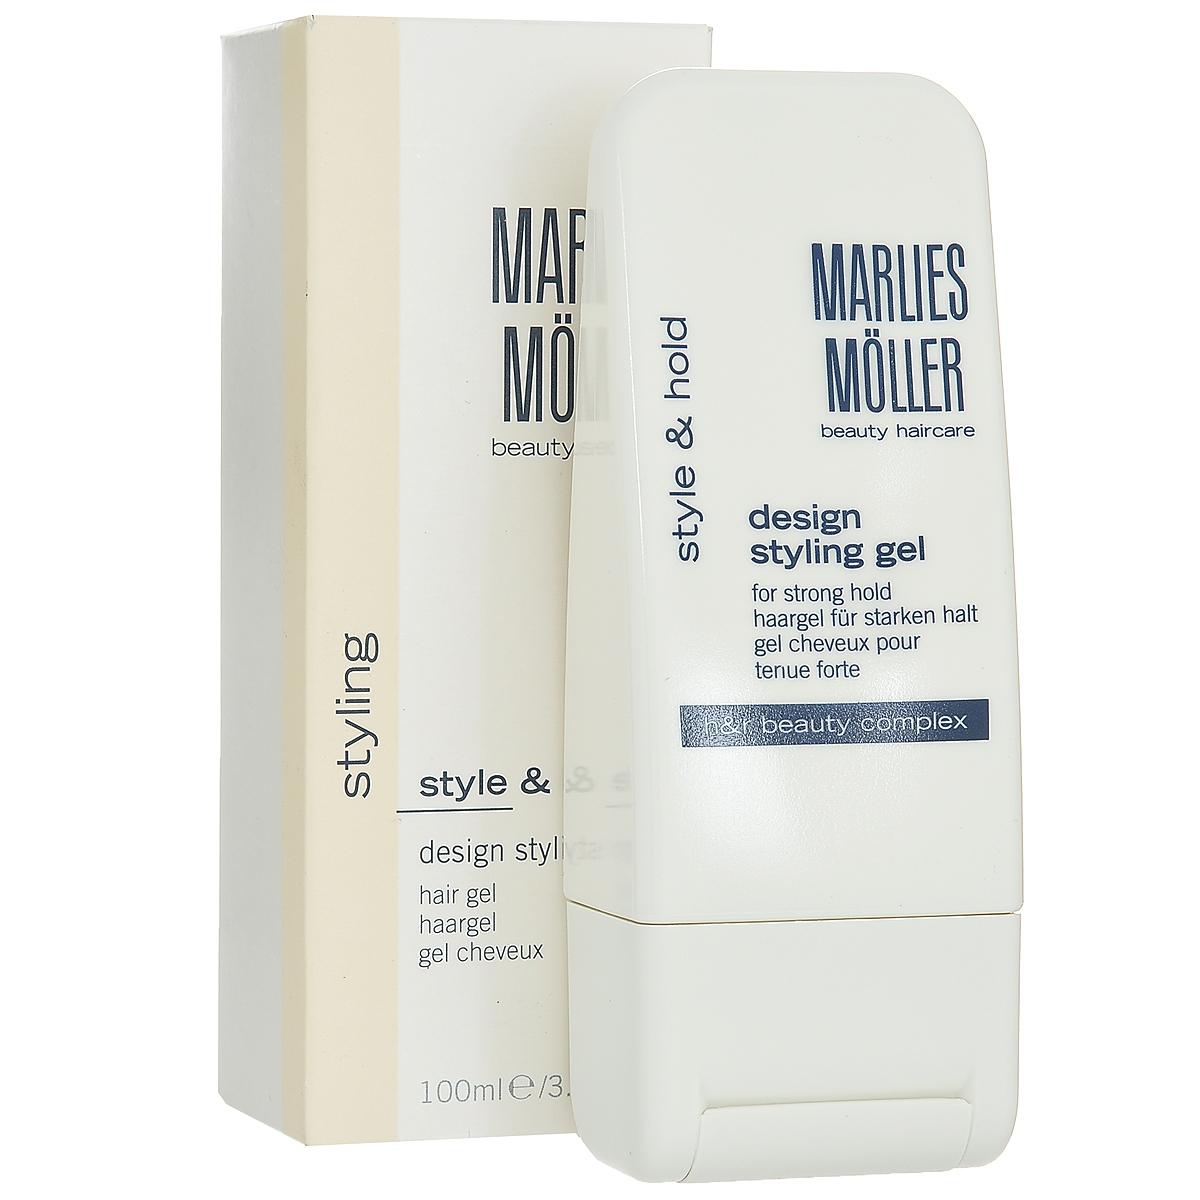 Marlies Moller Гель Styling, для креативной укладки волос, 100 млMP59.4DФиксирует прическу, не склеивая волосы. Очень сильная укладка для любых волос. Рекомендуется для любого типа укладки (укладка феном, укладка руками, укладка на бигуди, подчеркивание прядей, создание эффекта мокрых волос). Можно наносить на влажные и на сухие волосы. Создает эффект мокрых волос, если наносить на влажные волосы. Если на сухие - эффект гладких волос. Увлажняет волосы и препятствует потере влаги. Придает волосам блеск. Легко удаляется с волос. УФ-защита. Не содержит алкоголь и смолы. Идеален для защиты волос от солнца и соленой воды на пляже.Возьмите небольшое количество средства. В зависимости от желаемого эффекта нанесите на сухие или подсушенные полотенцем волосы, уложите как обычно.